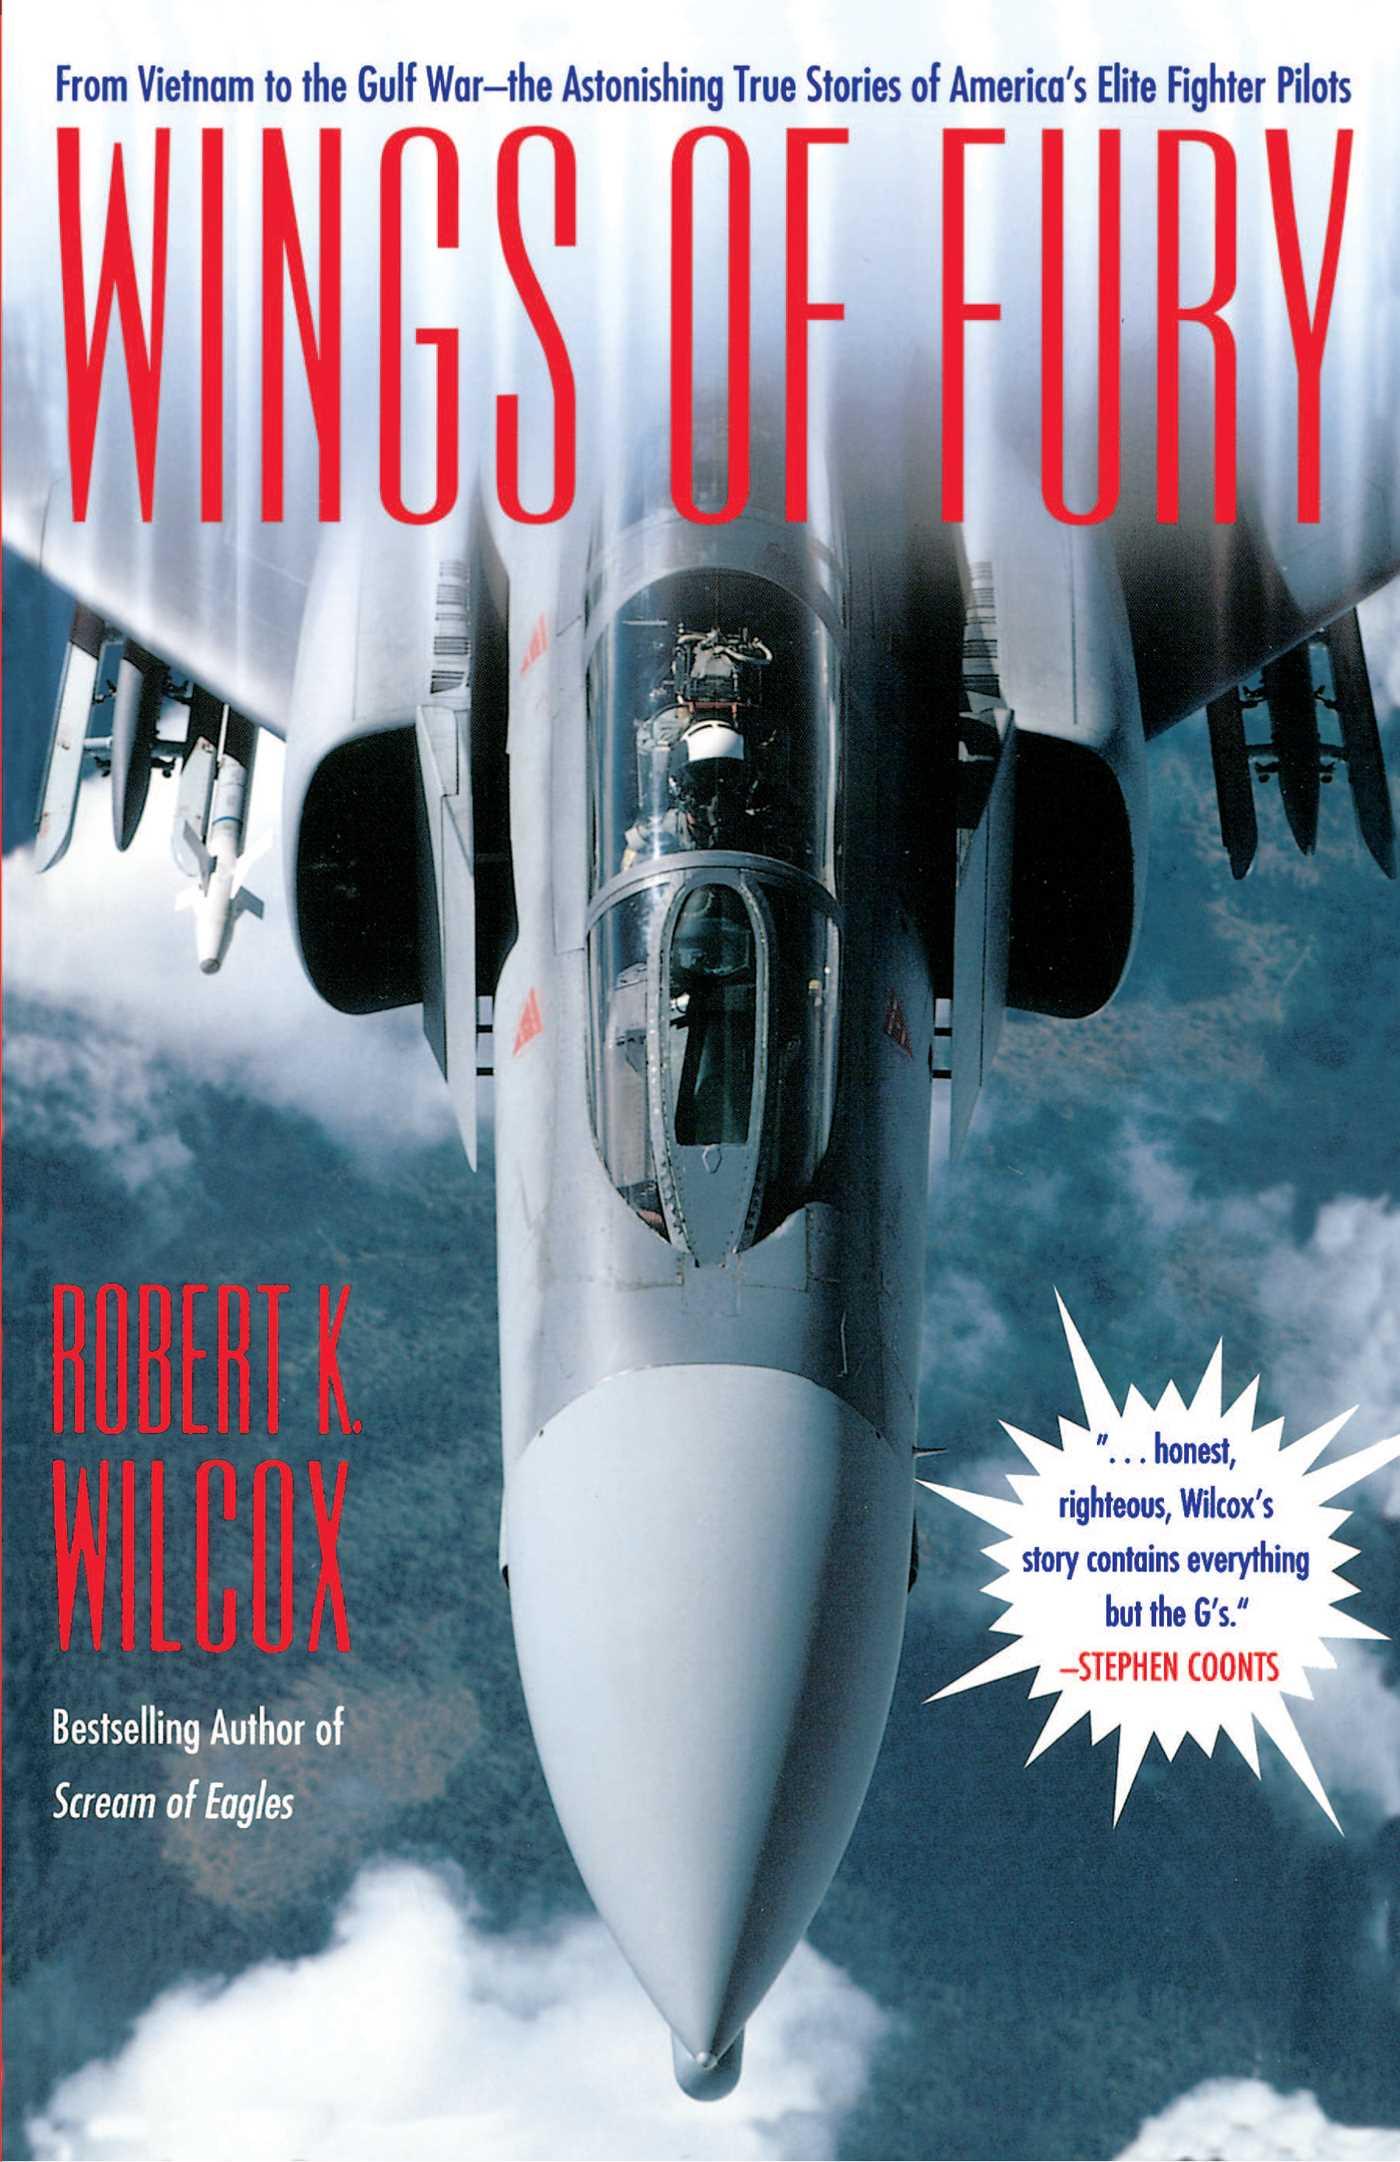 Wings of fury 9781439139561 hr